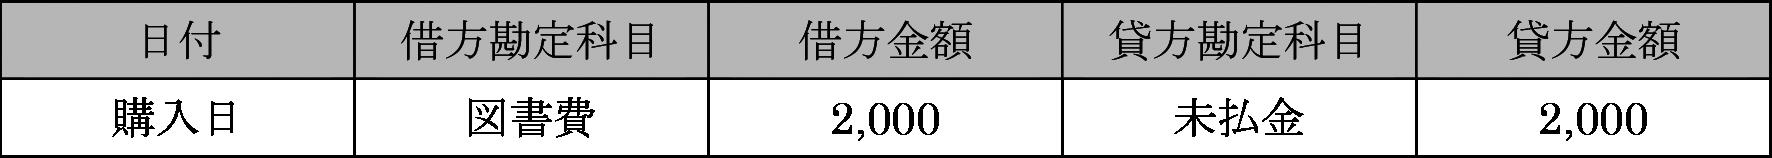 法人クレジットカードを使って2,000円の本を買った場合の仕訳その1